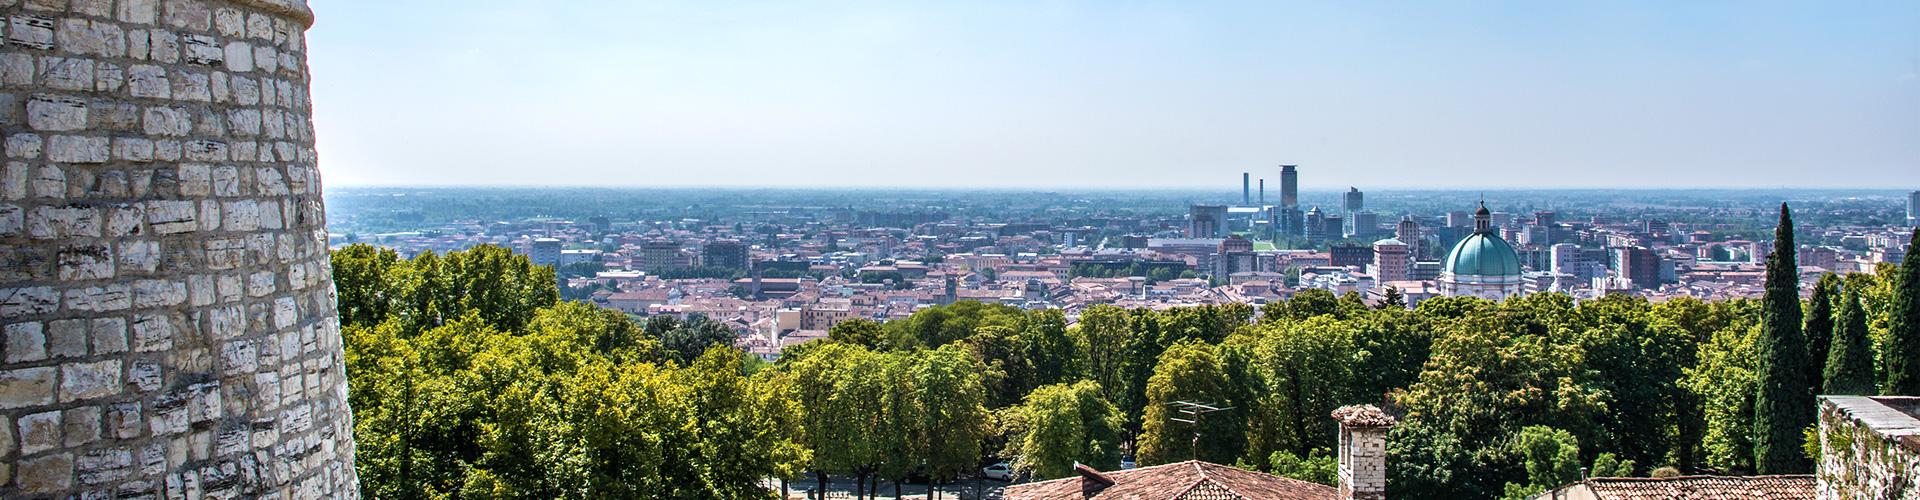 Brescia_1920x500_2